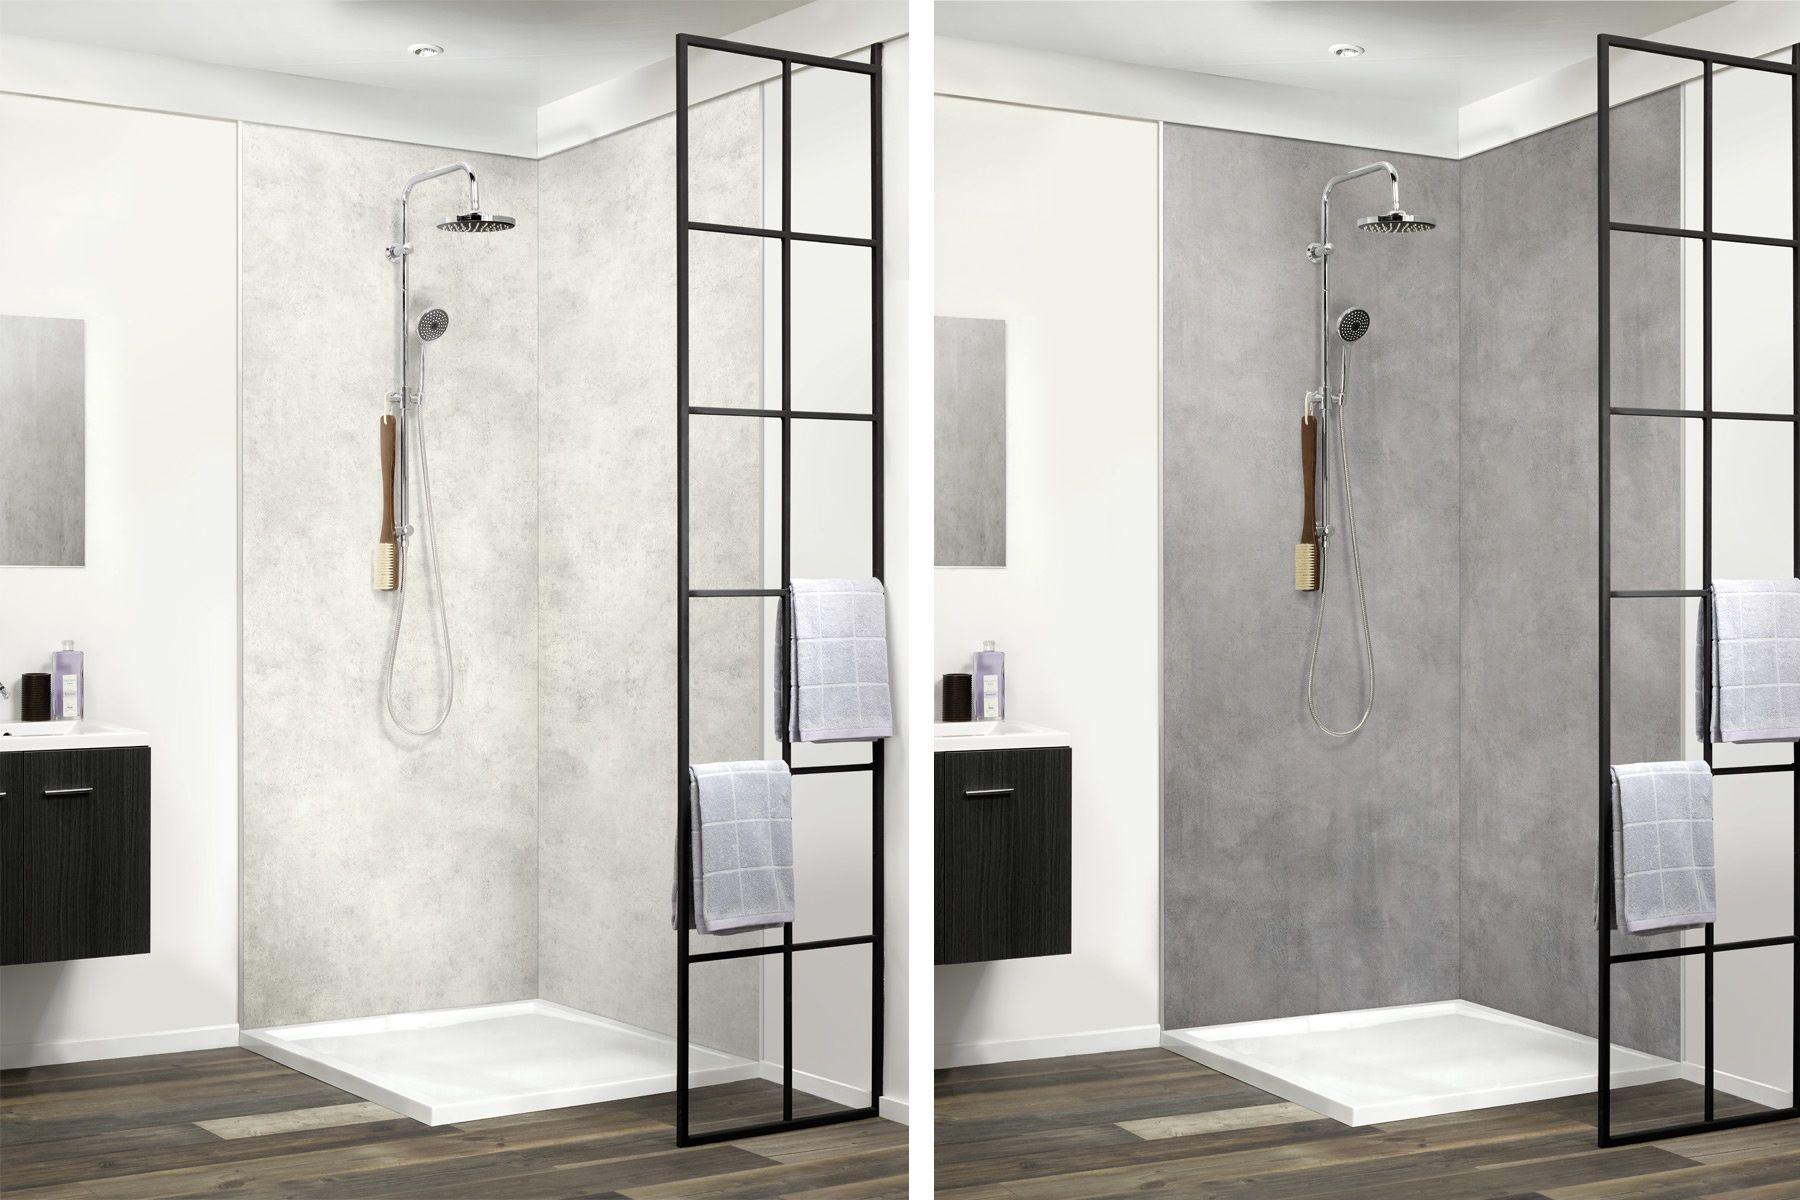 Der Fixreno Systemumbau Kommt Ohne Entfernung Vorhandener Fliesen Aus Badezimmerwand Ideen Badewanne Grosse Bader